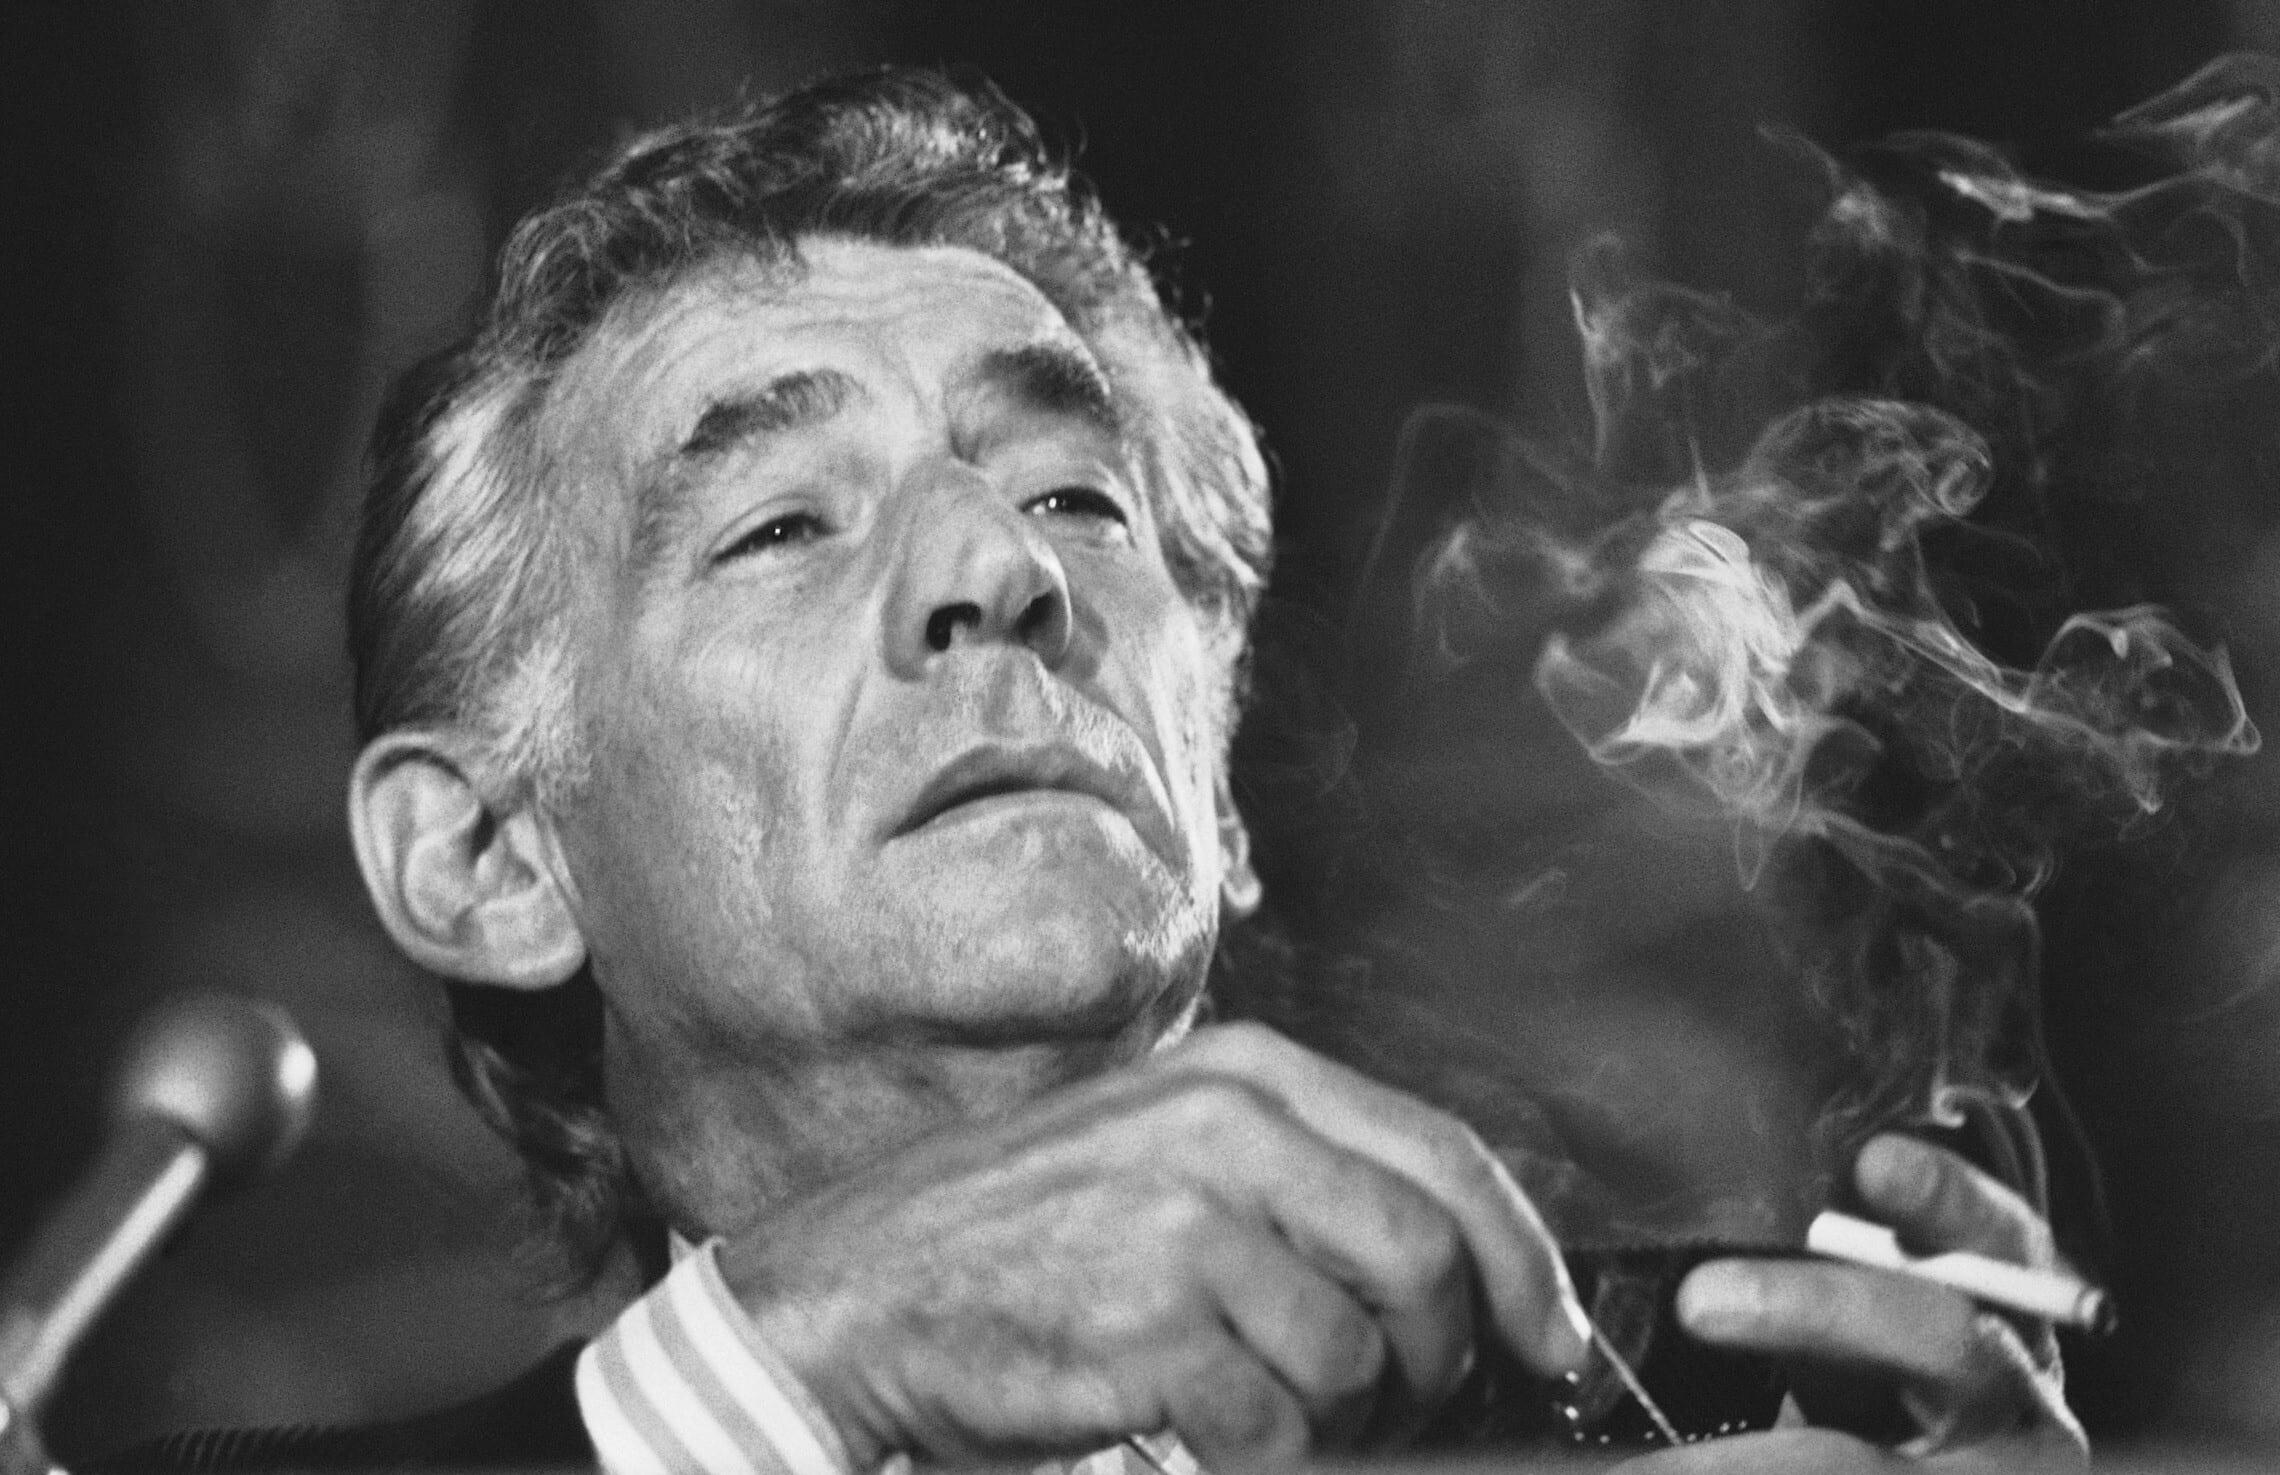 לאונרד ברנשטיין ב-1971 (צילום: AP Photo/Charles Harrity)